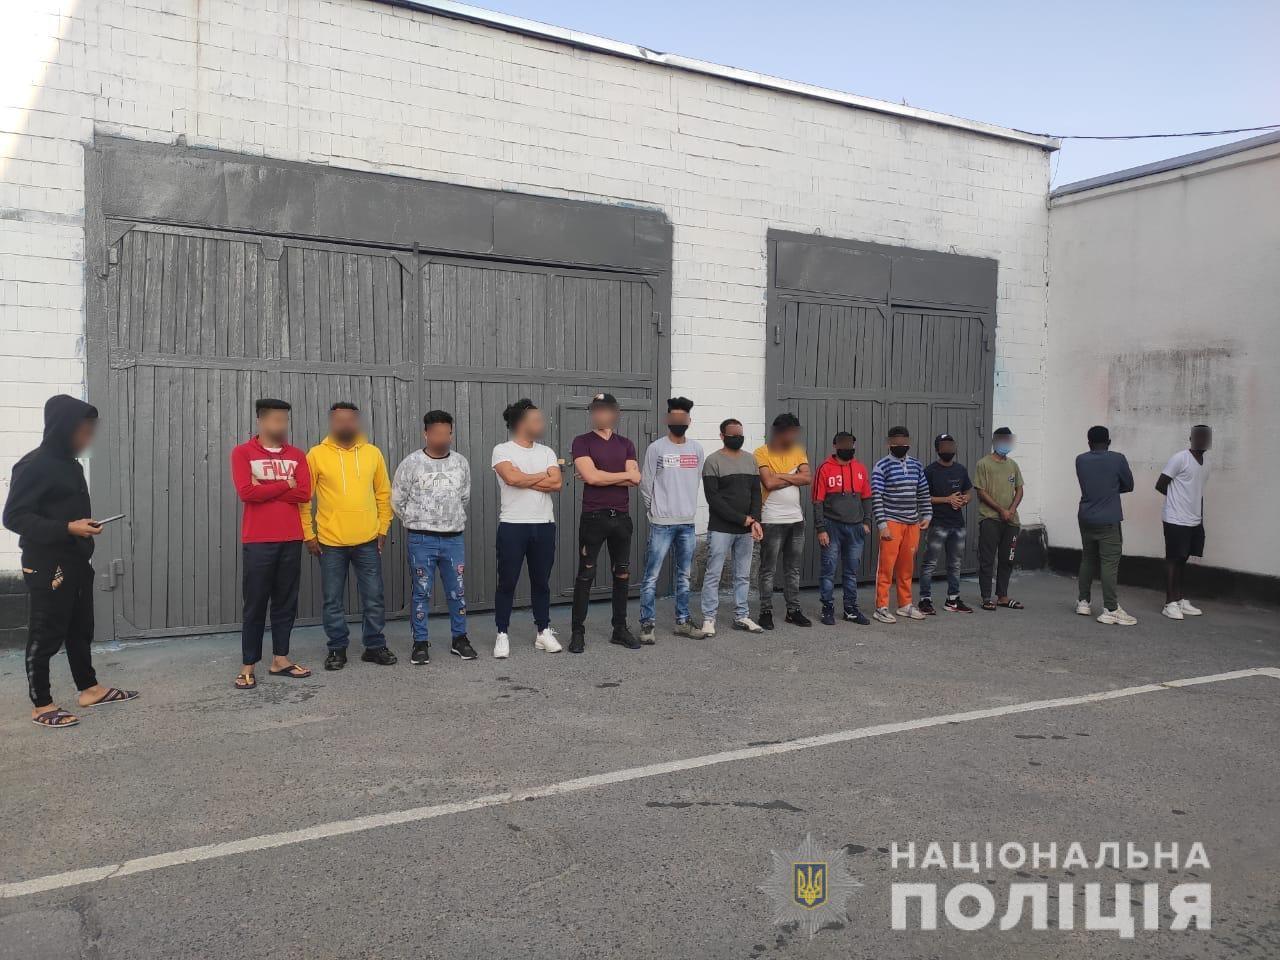 У гуртожитку білоцерківського вишу виявили 26 нелегалів - поліція Київщини, нелегали - Nelegaly2